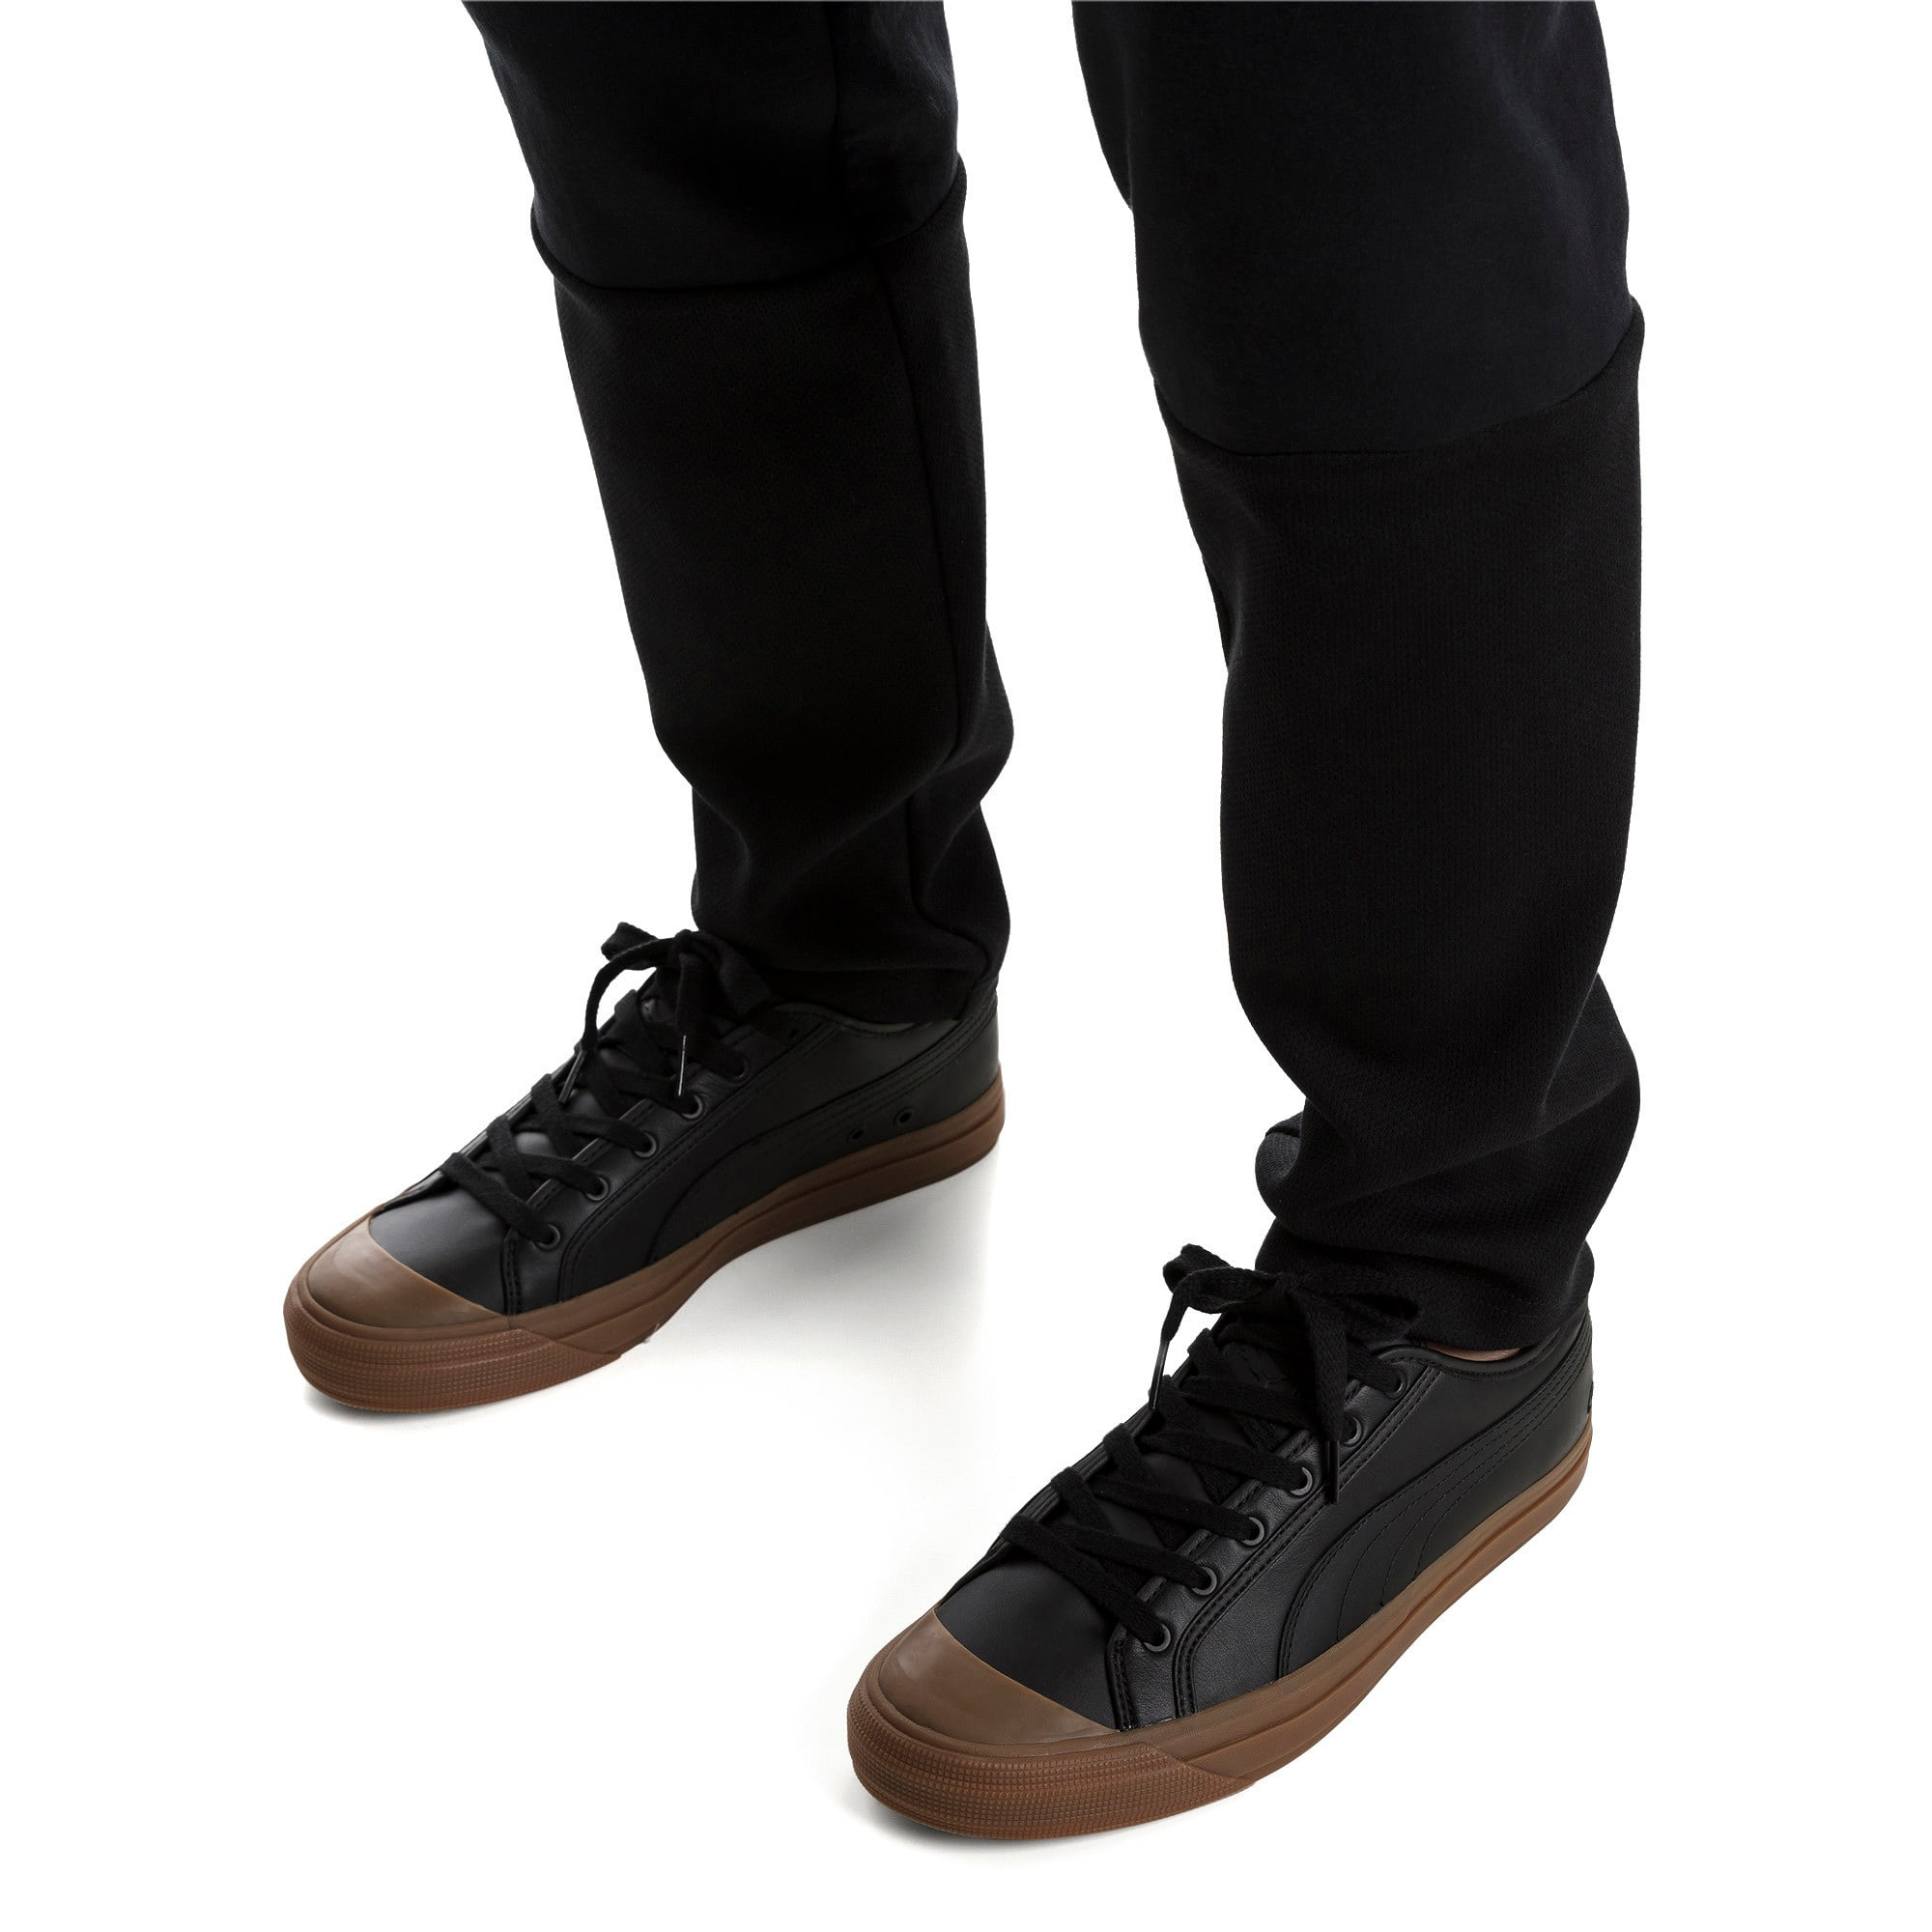 Thumbnail 2 of Capri Leather Trainers, Puma Black-Gum-Gum, medium-IND